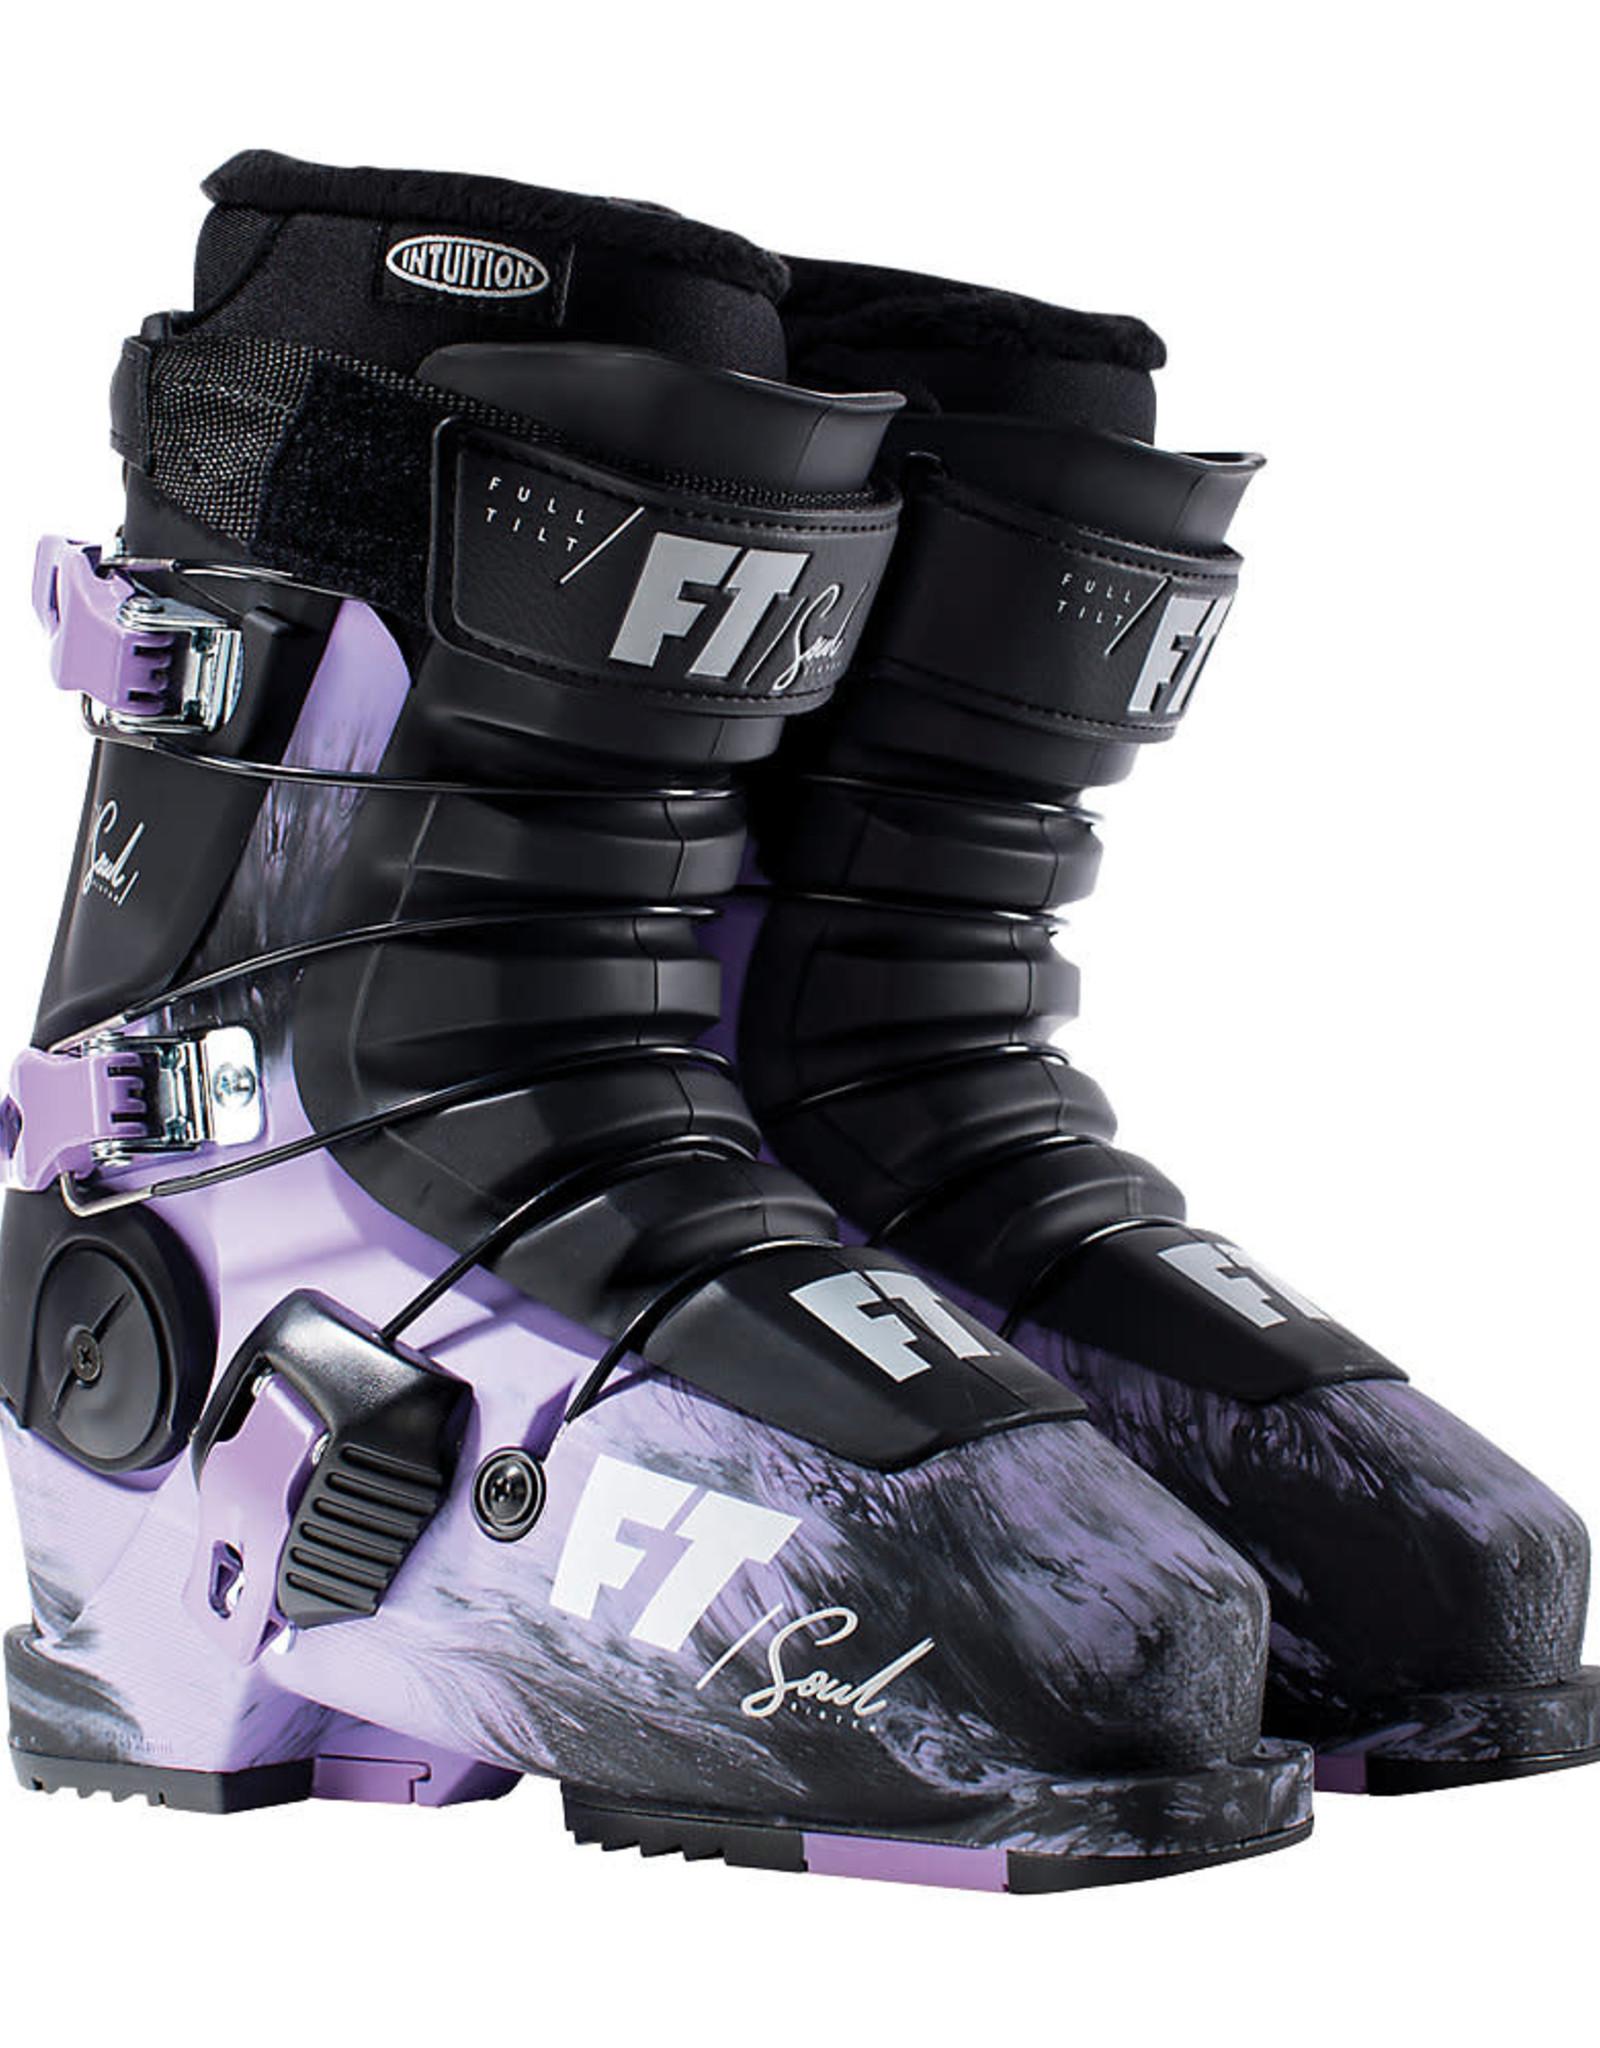 Full Tilt FULL TILT Ski Boots SOUL SISTER (18/19)